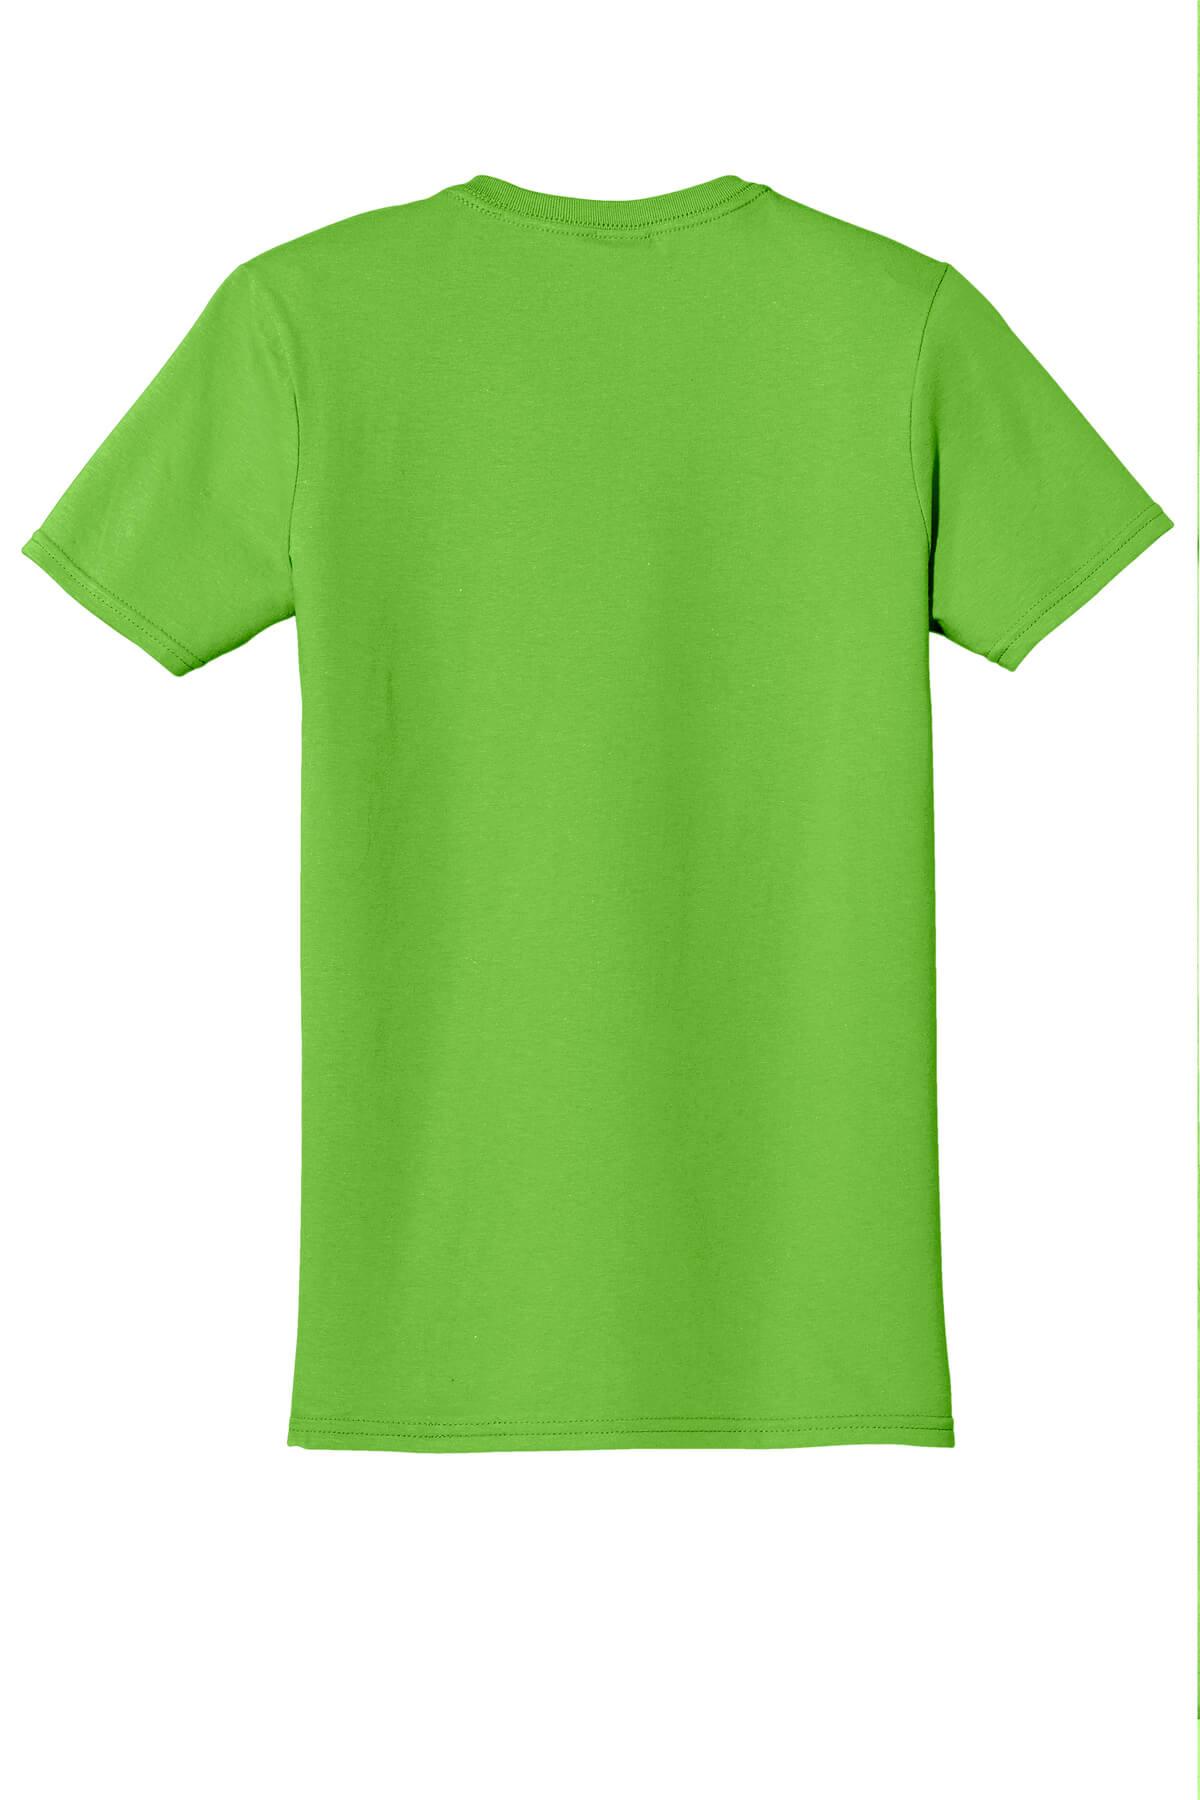 Kiwi T-Shirt Back